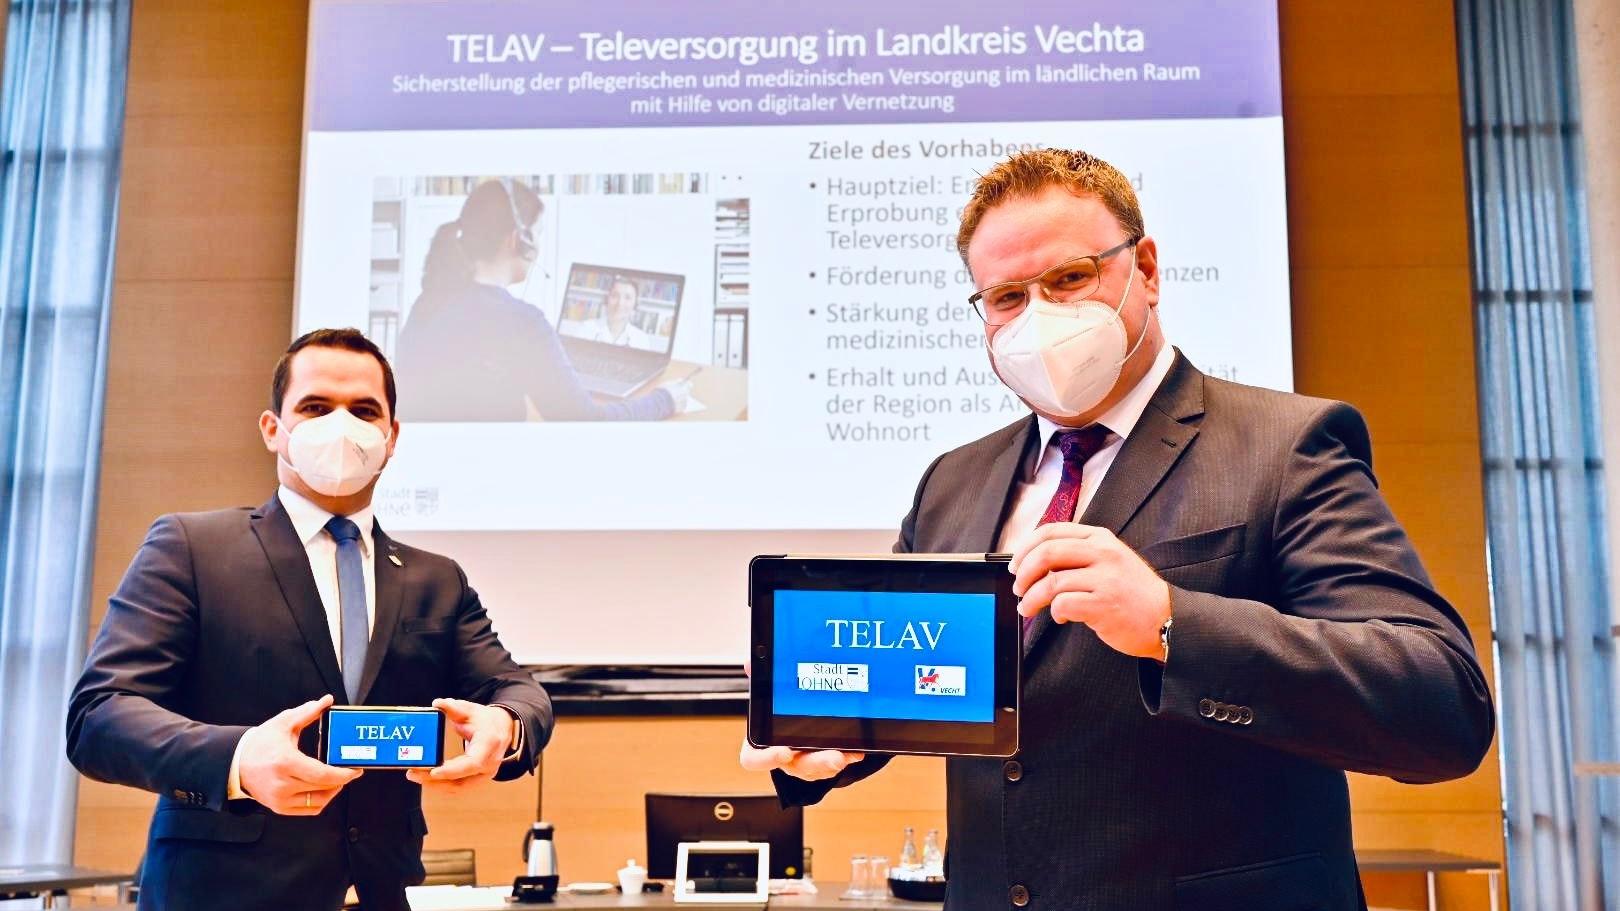 Treiben das Projekt voran: Bürgermeister Kristian Kater (links/Vechta) und Tobias Gerdesmeyer (Lohne). Foto: M. Niehues